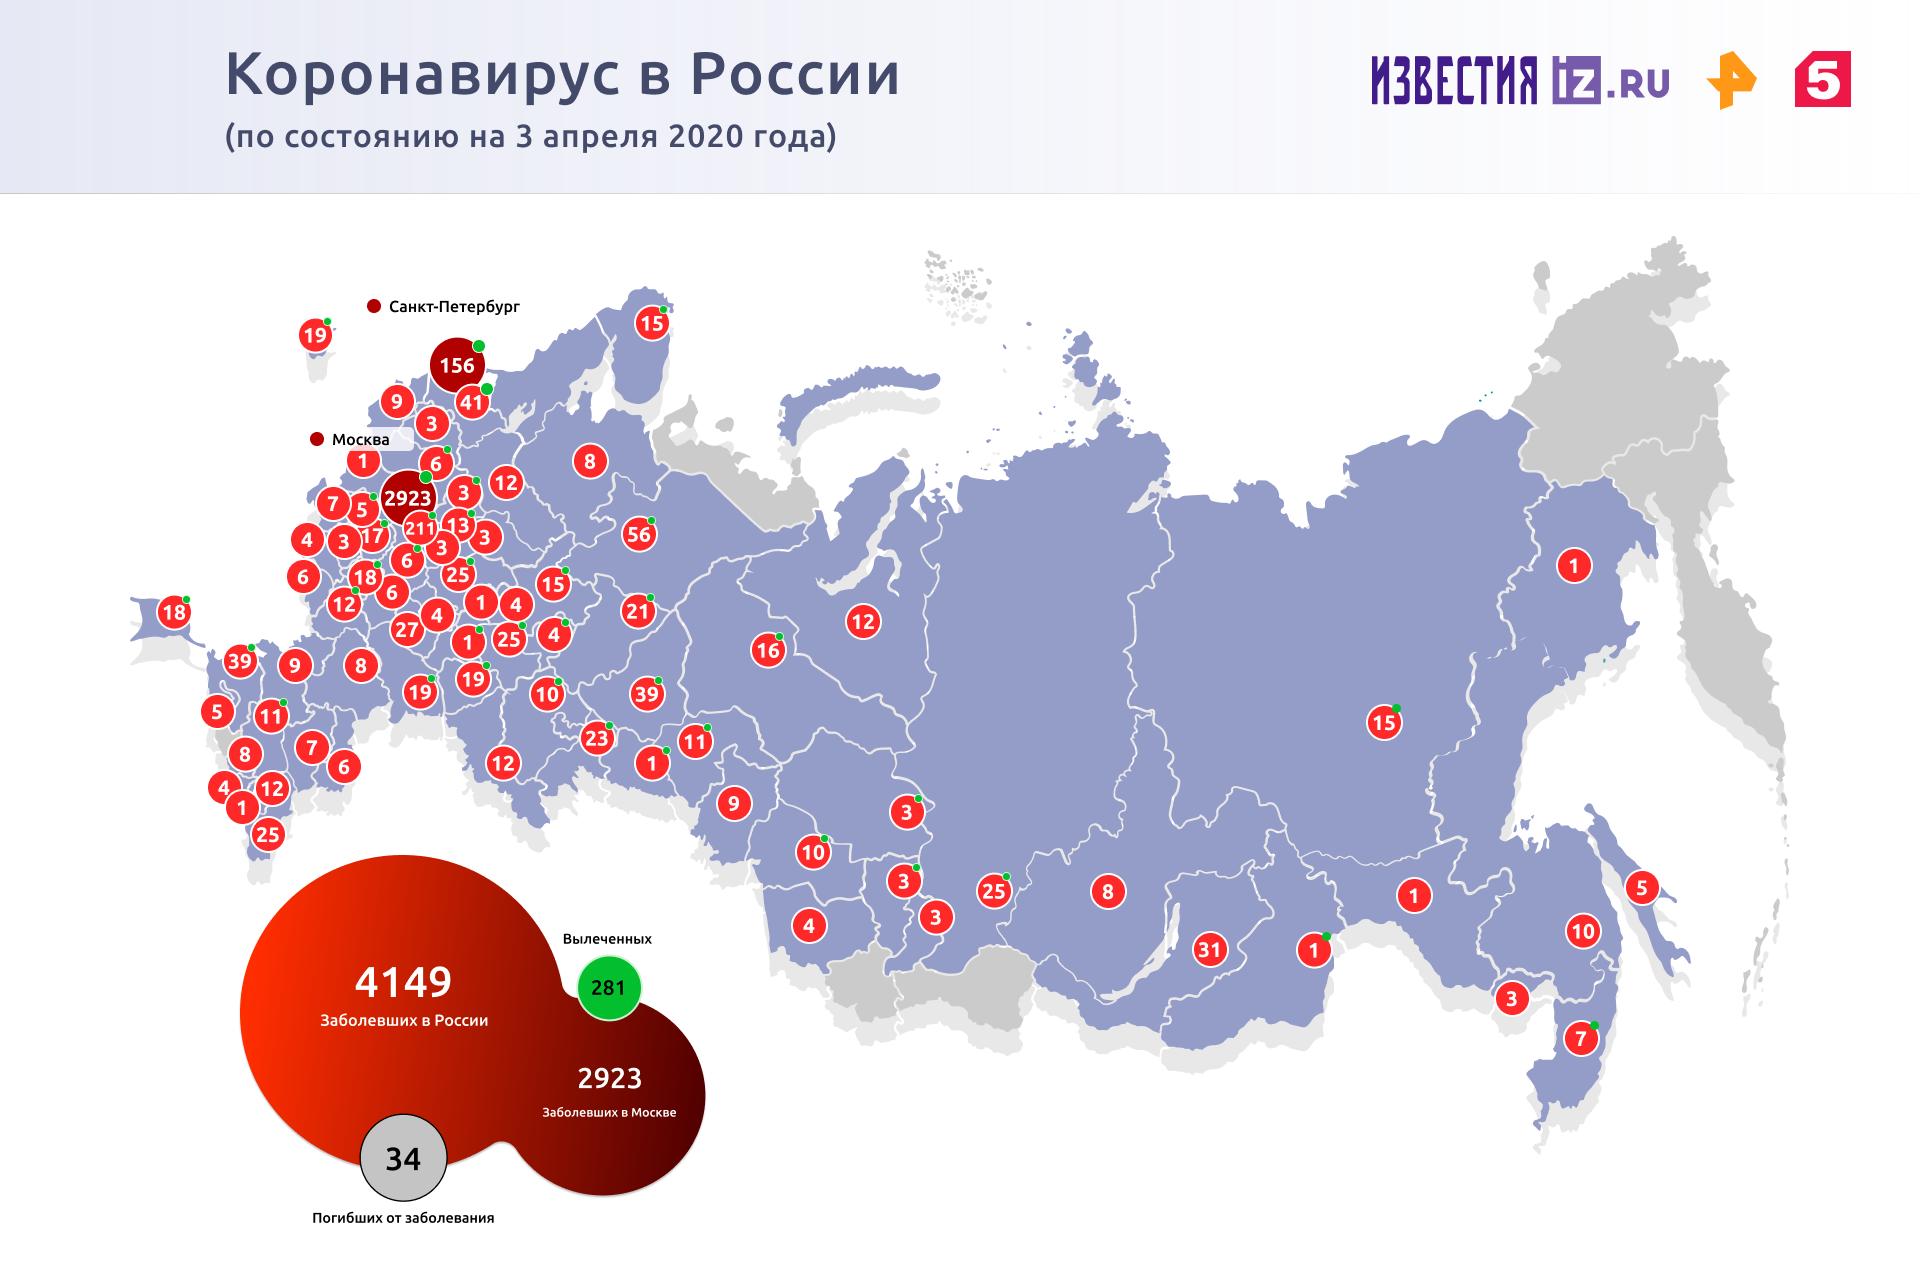 Воробьев анонсировал скорое открытие инфекционной клиники в Звенигороде